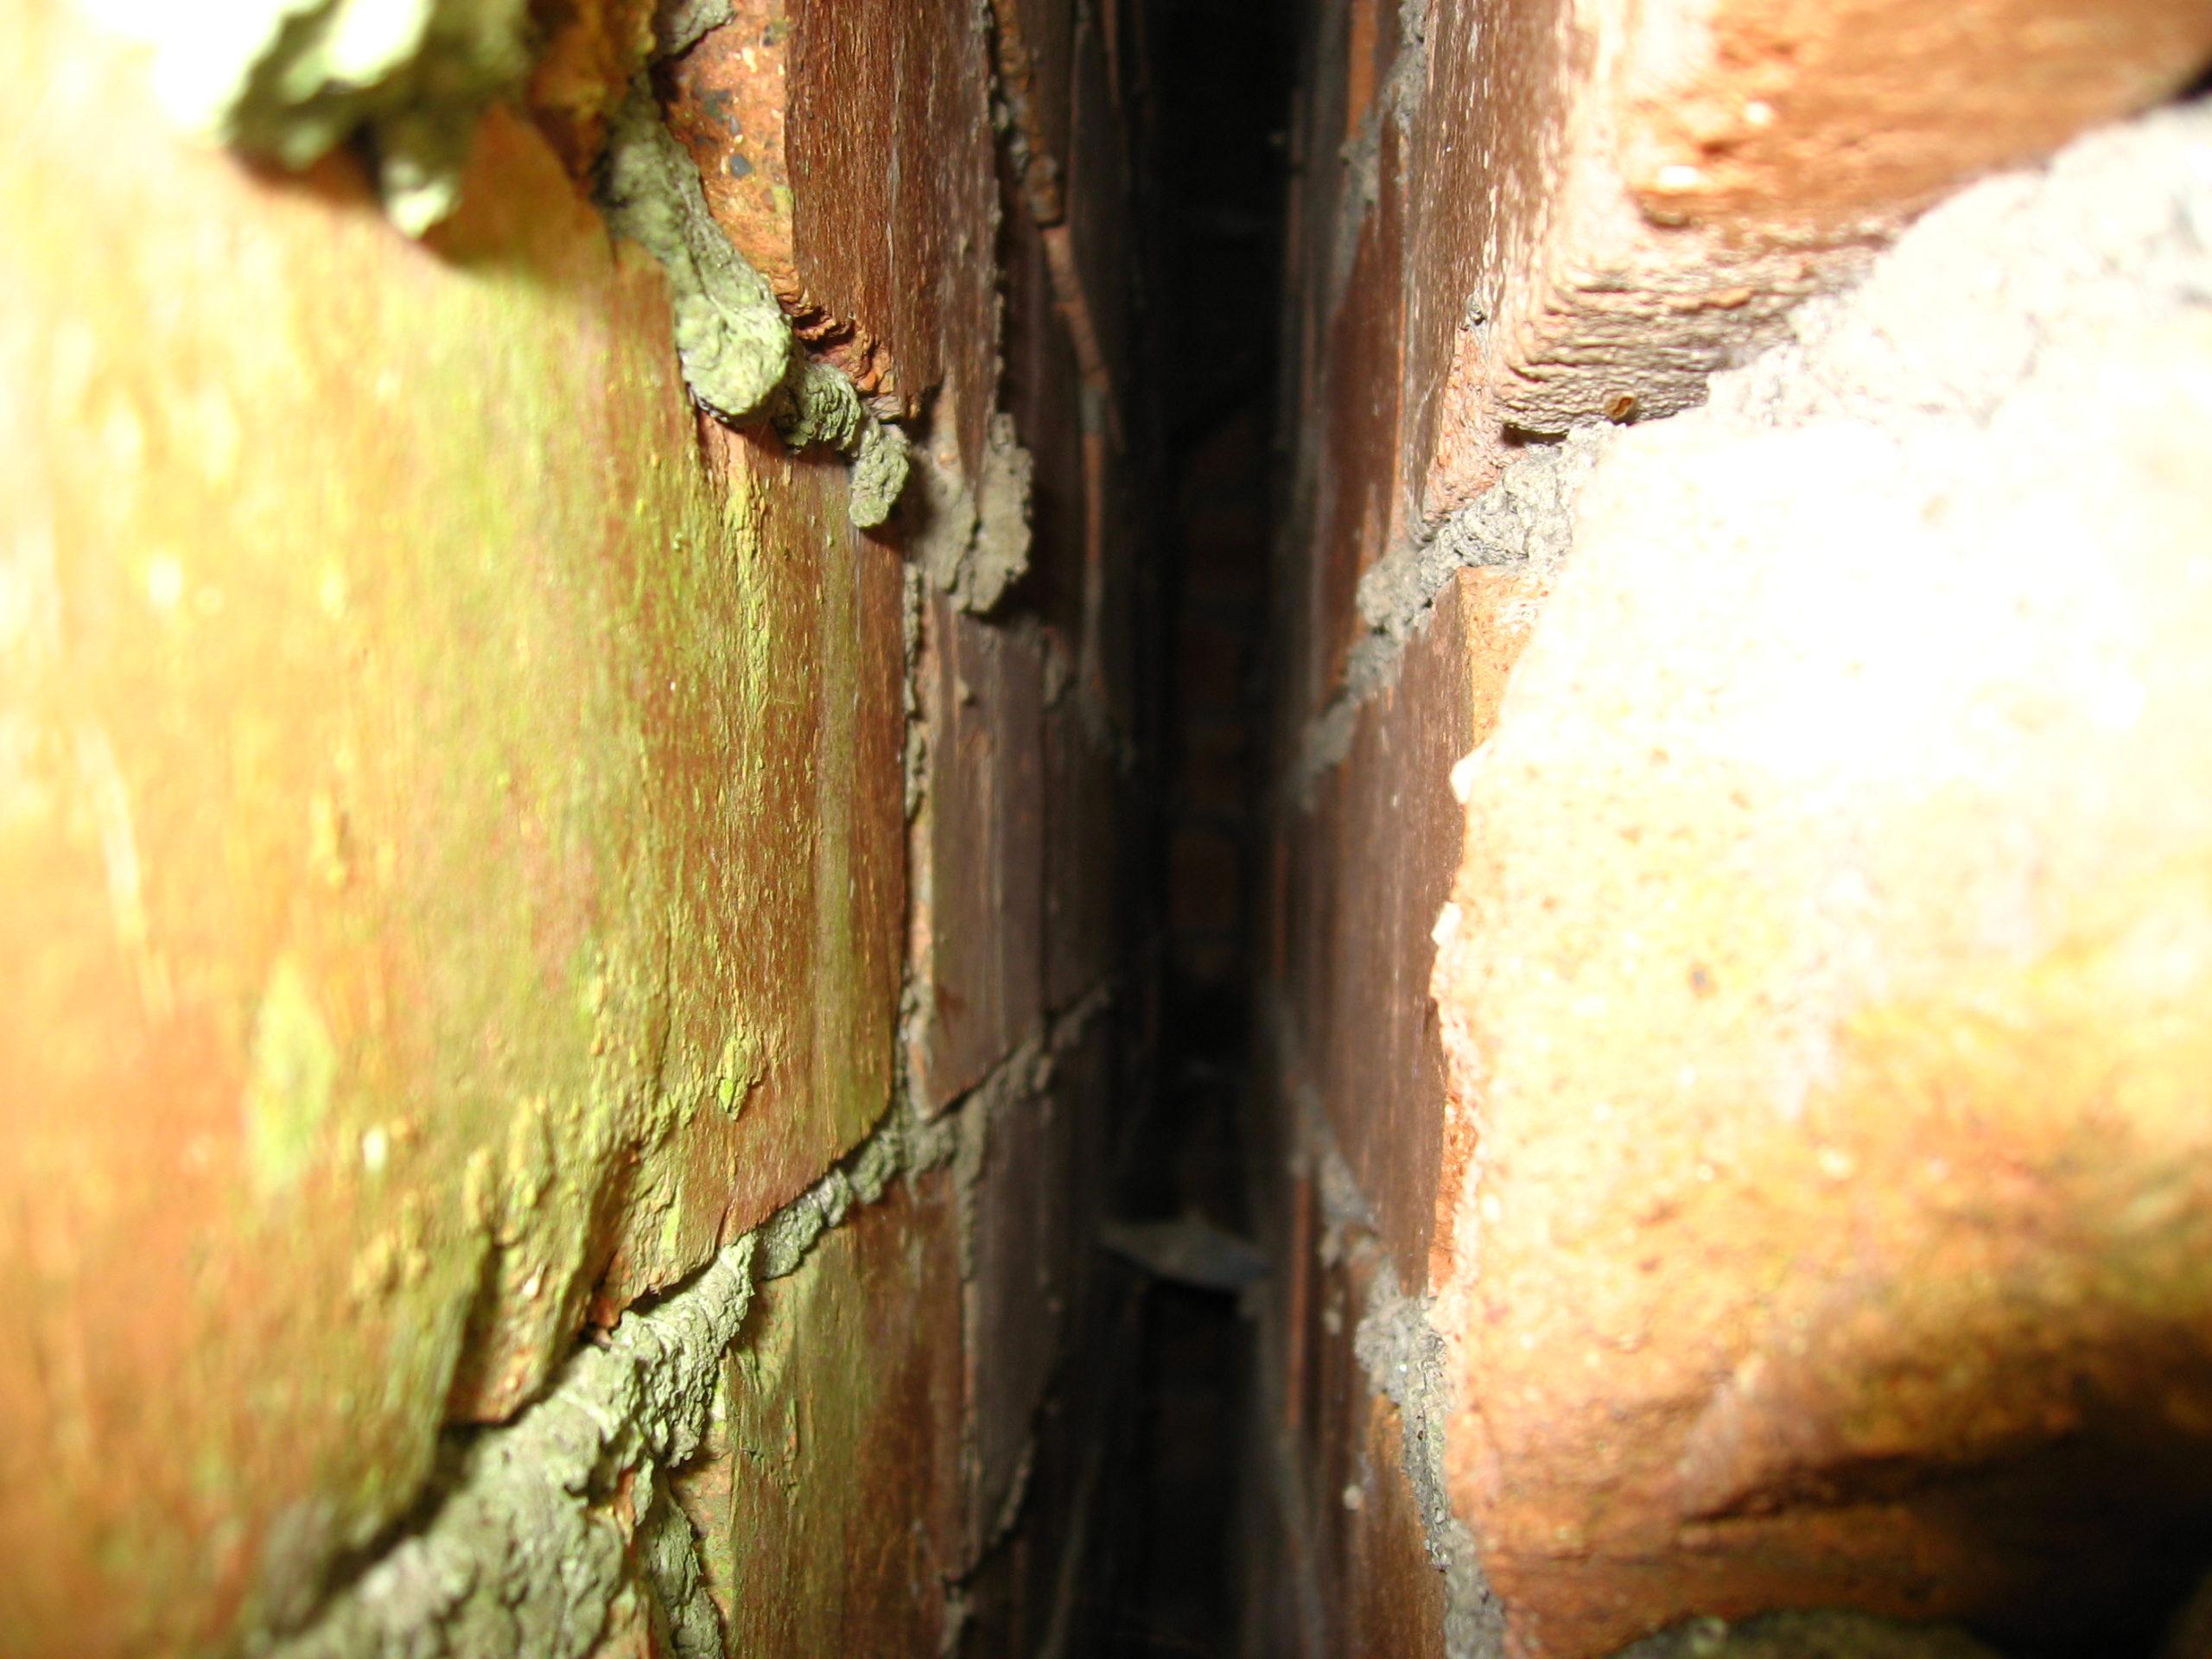 Aussenwanddämmung vor der Befüllung - Der Blick mit dem Endoskop in das zweischalige Mauerwerk